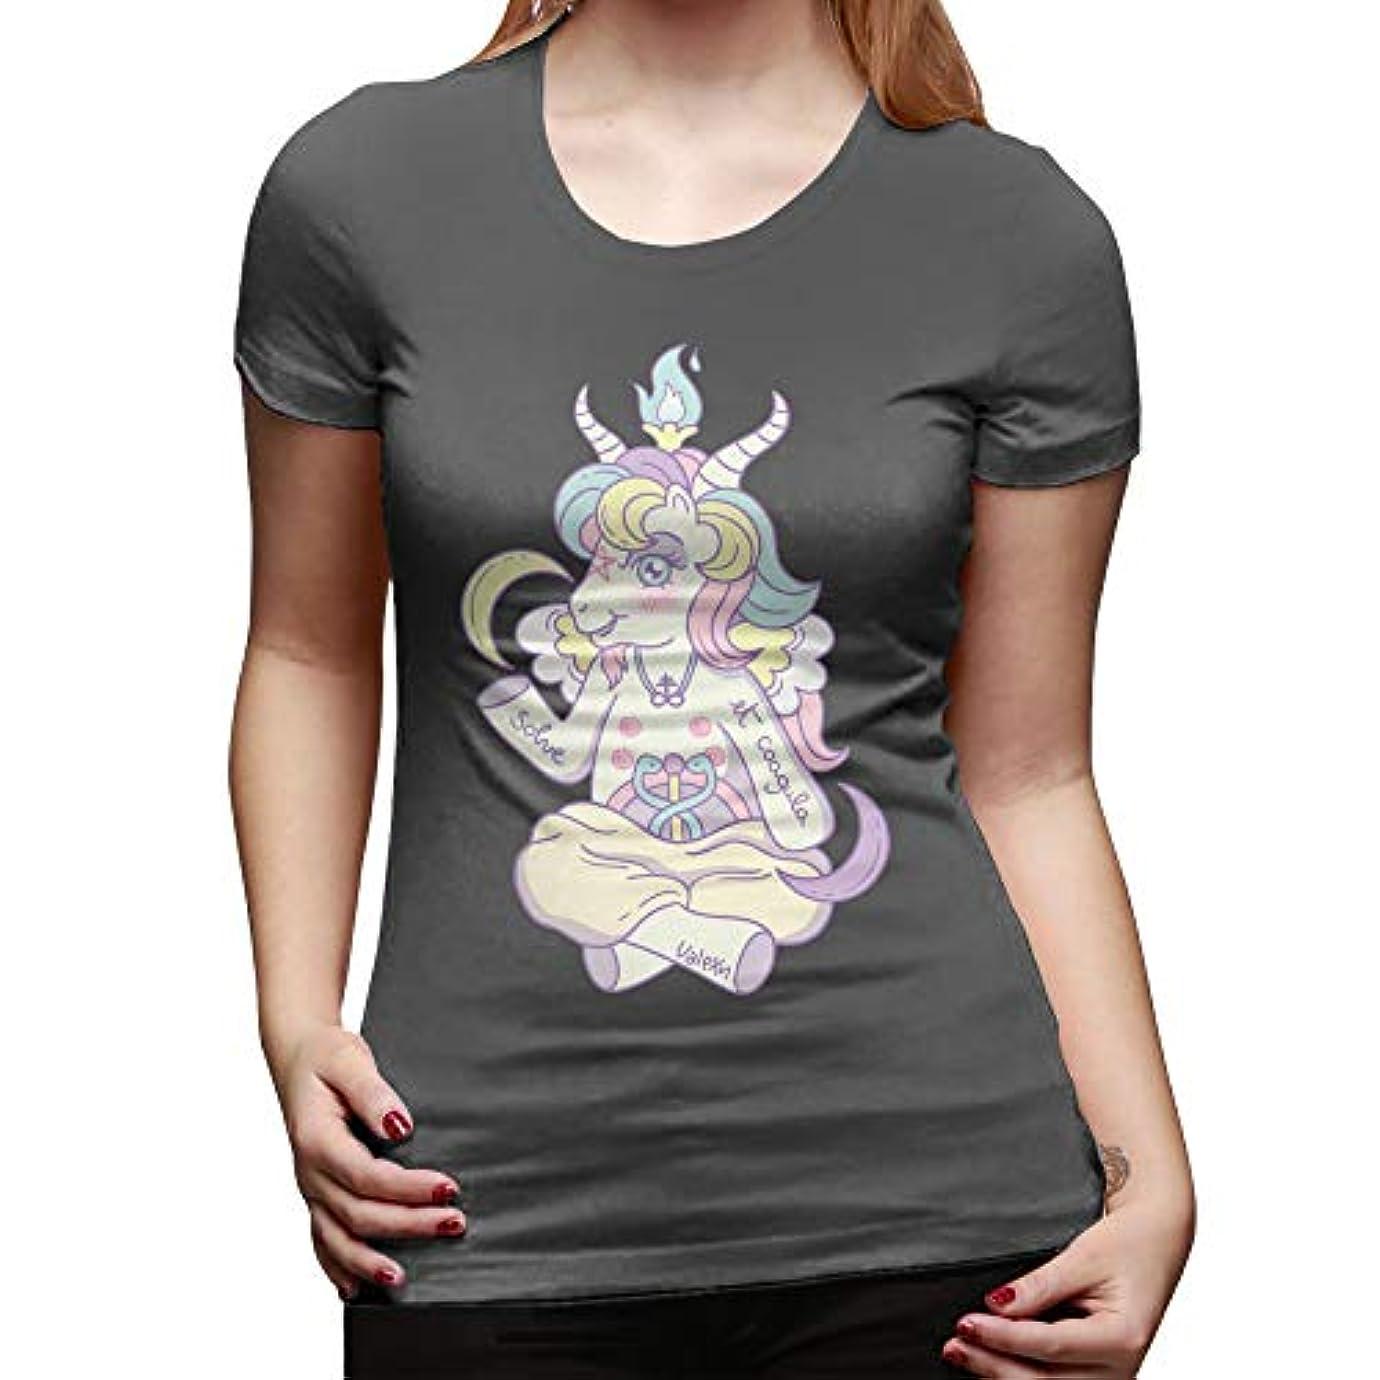 石炭季節科学者小悪魔 Tシャツバフォメット Tシャツ半袖綿 100 の女性の tシャツ O ネックプリント紫色のシンプルな夏の女性 tシャツ